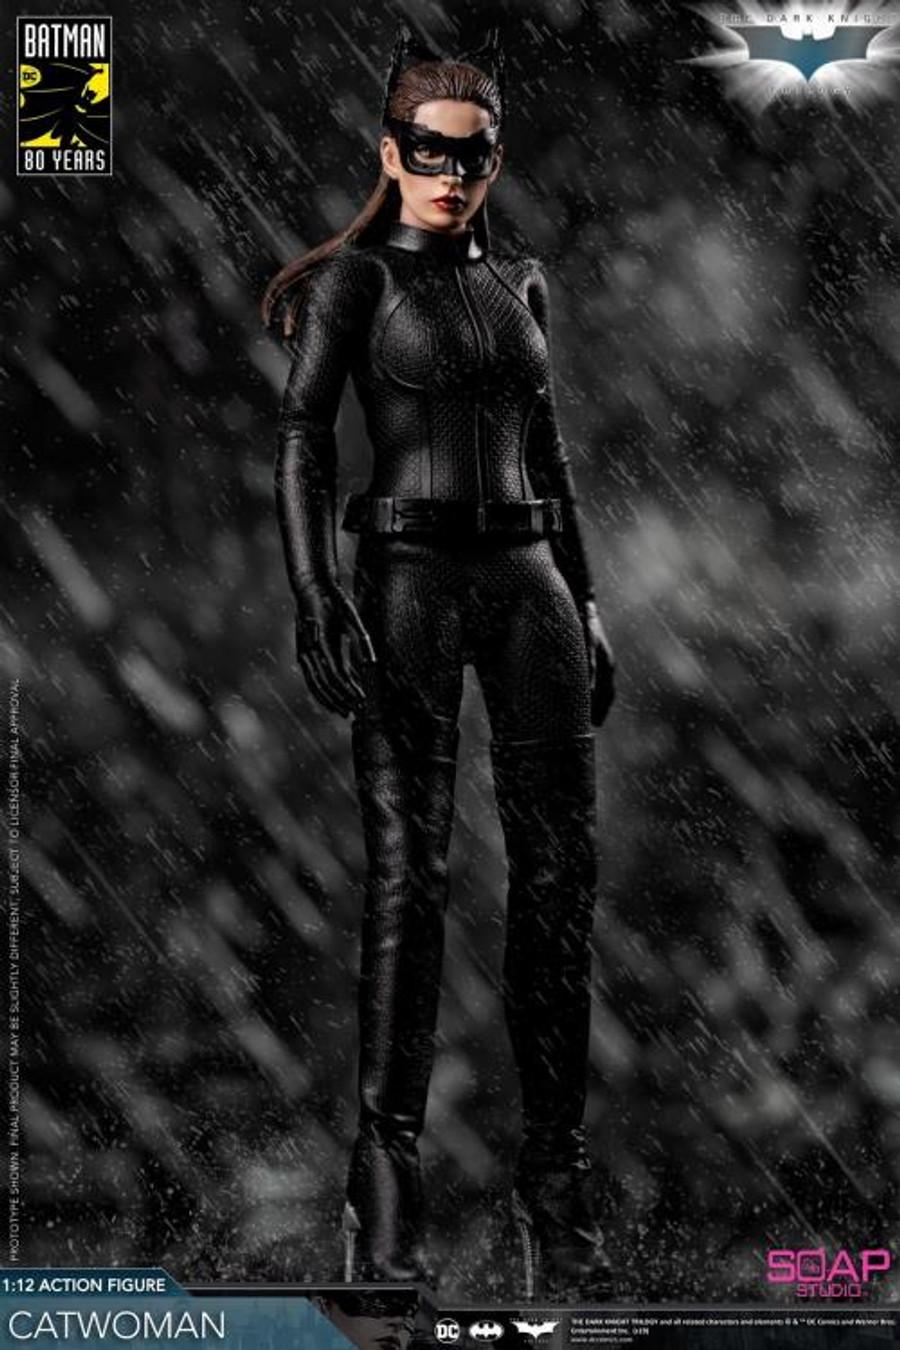 Soap Studio - 1/12 The Dark Knight: Catwoman